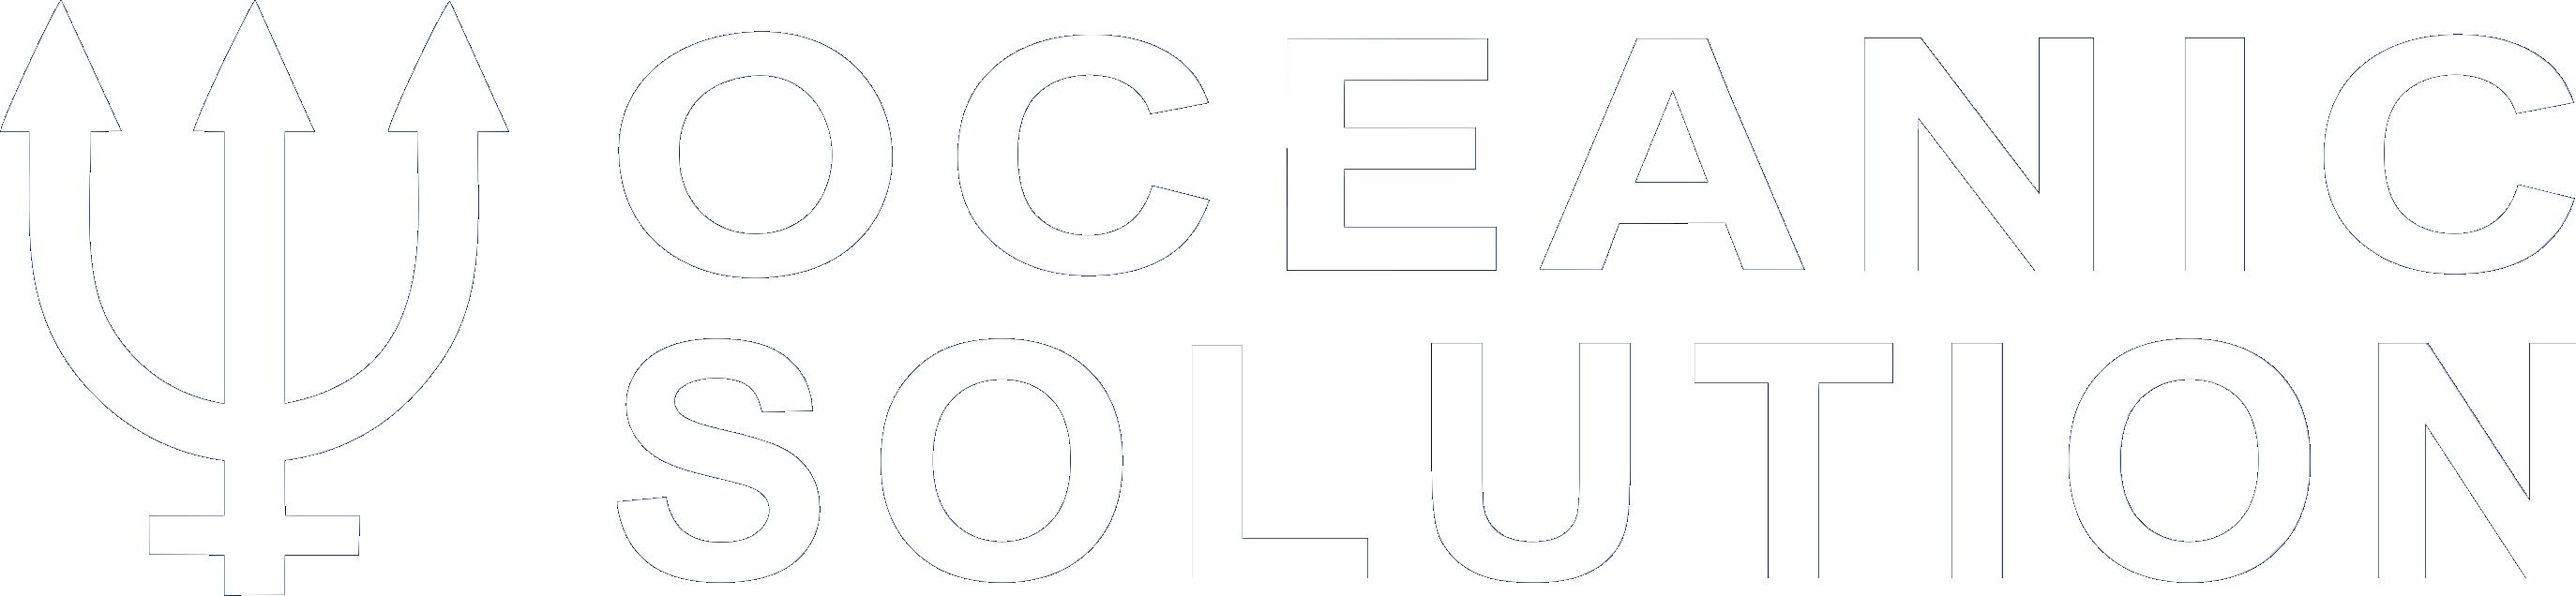 Oceanic Solution